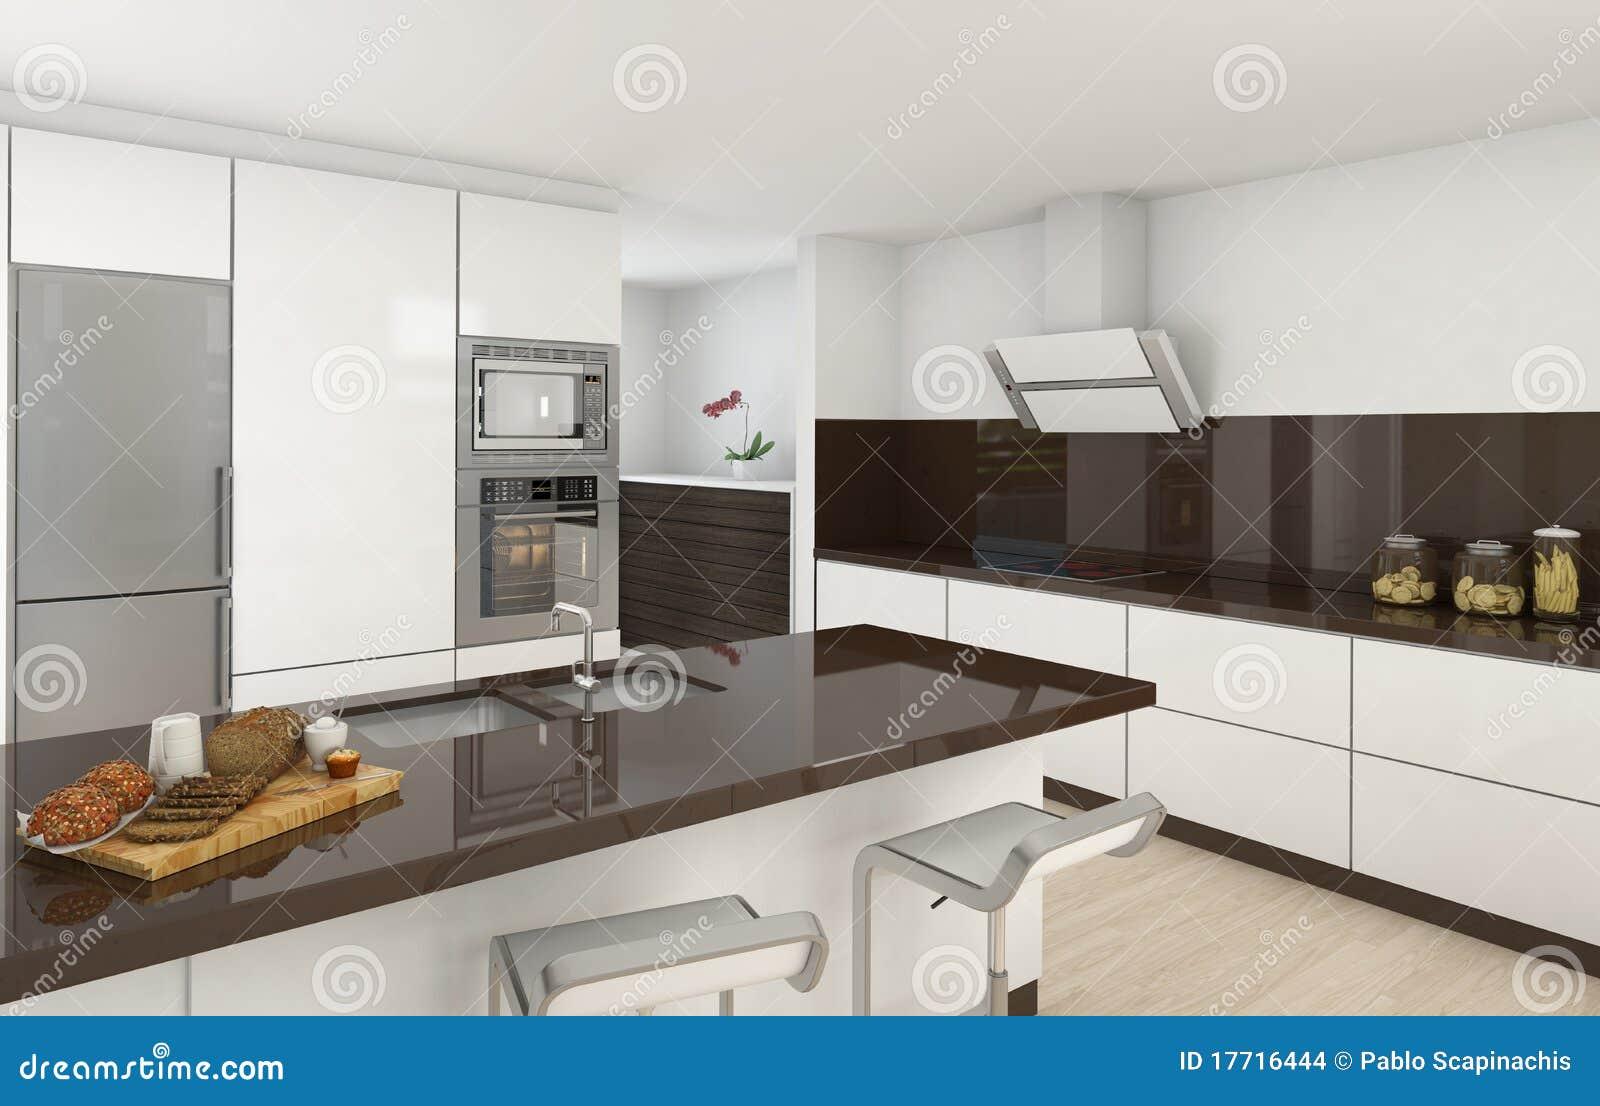 #85A724 Projeto interior de uma cozinha moderna nas cores brancas e marrons. 1300x916 px Projeto Cozinha Branca_4110 Imagens